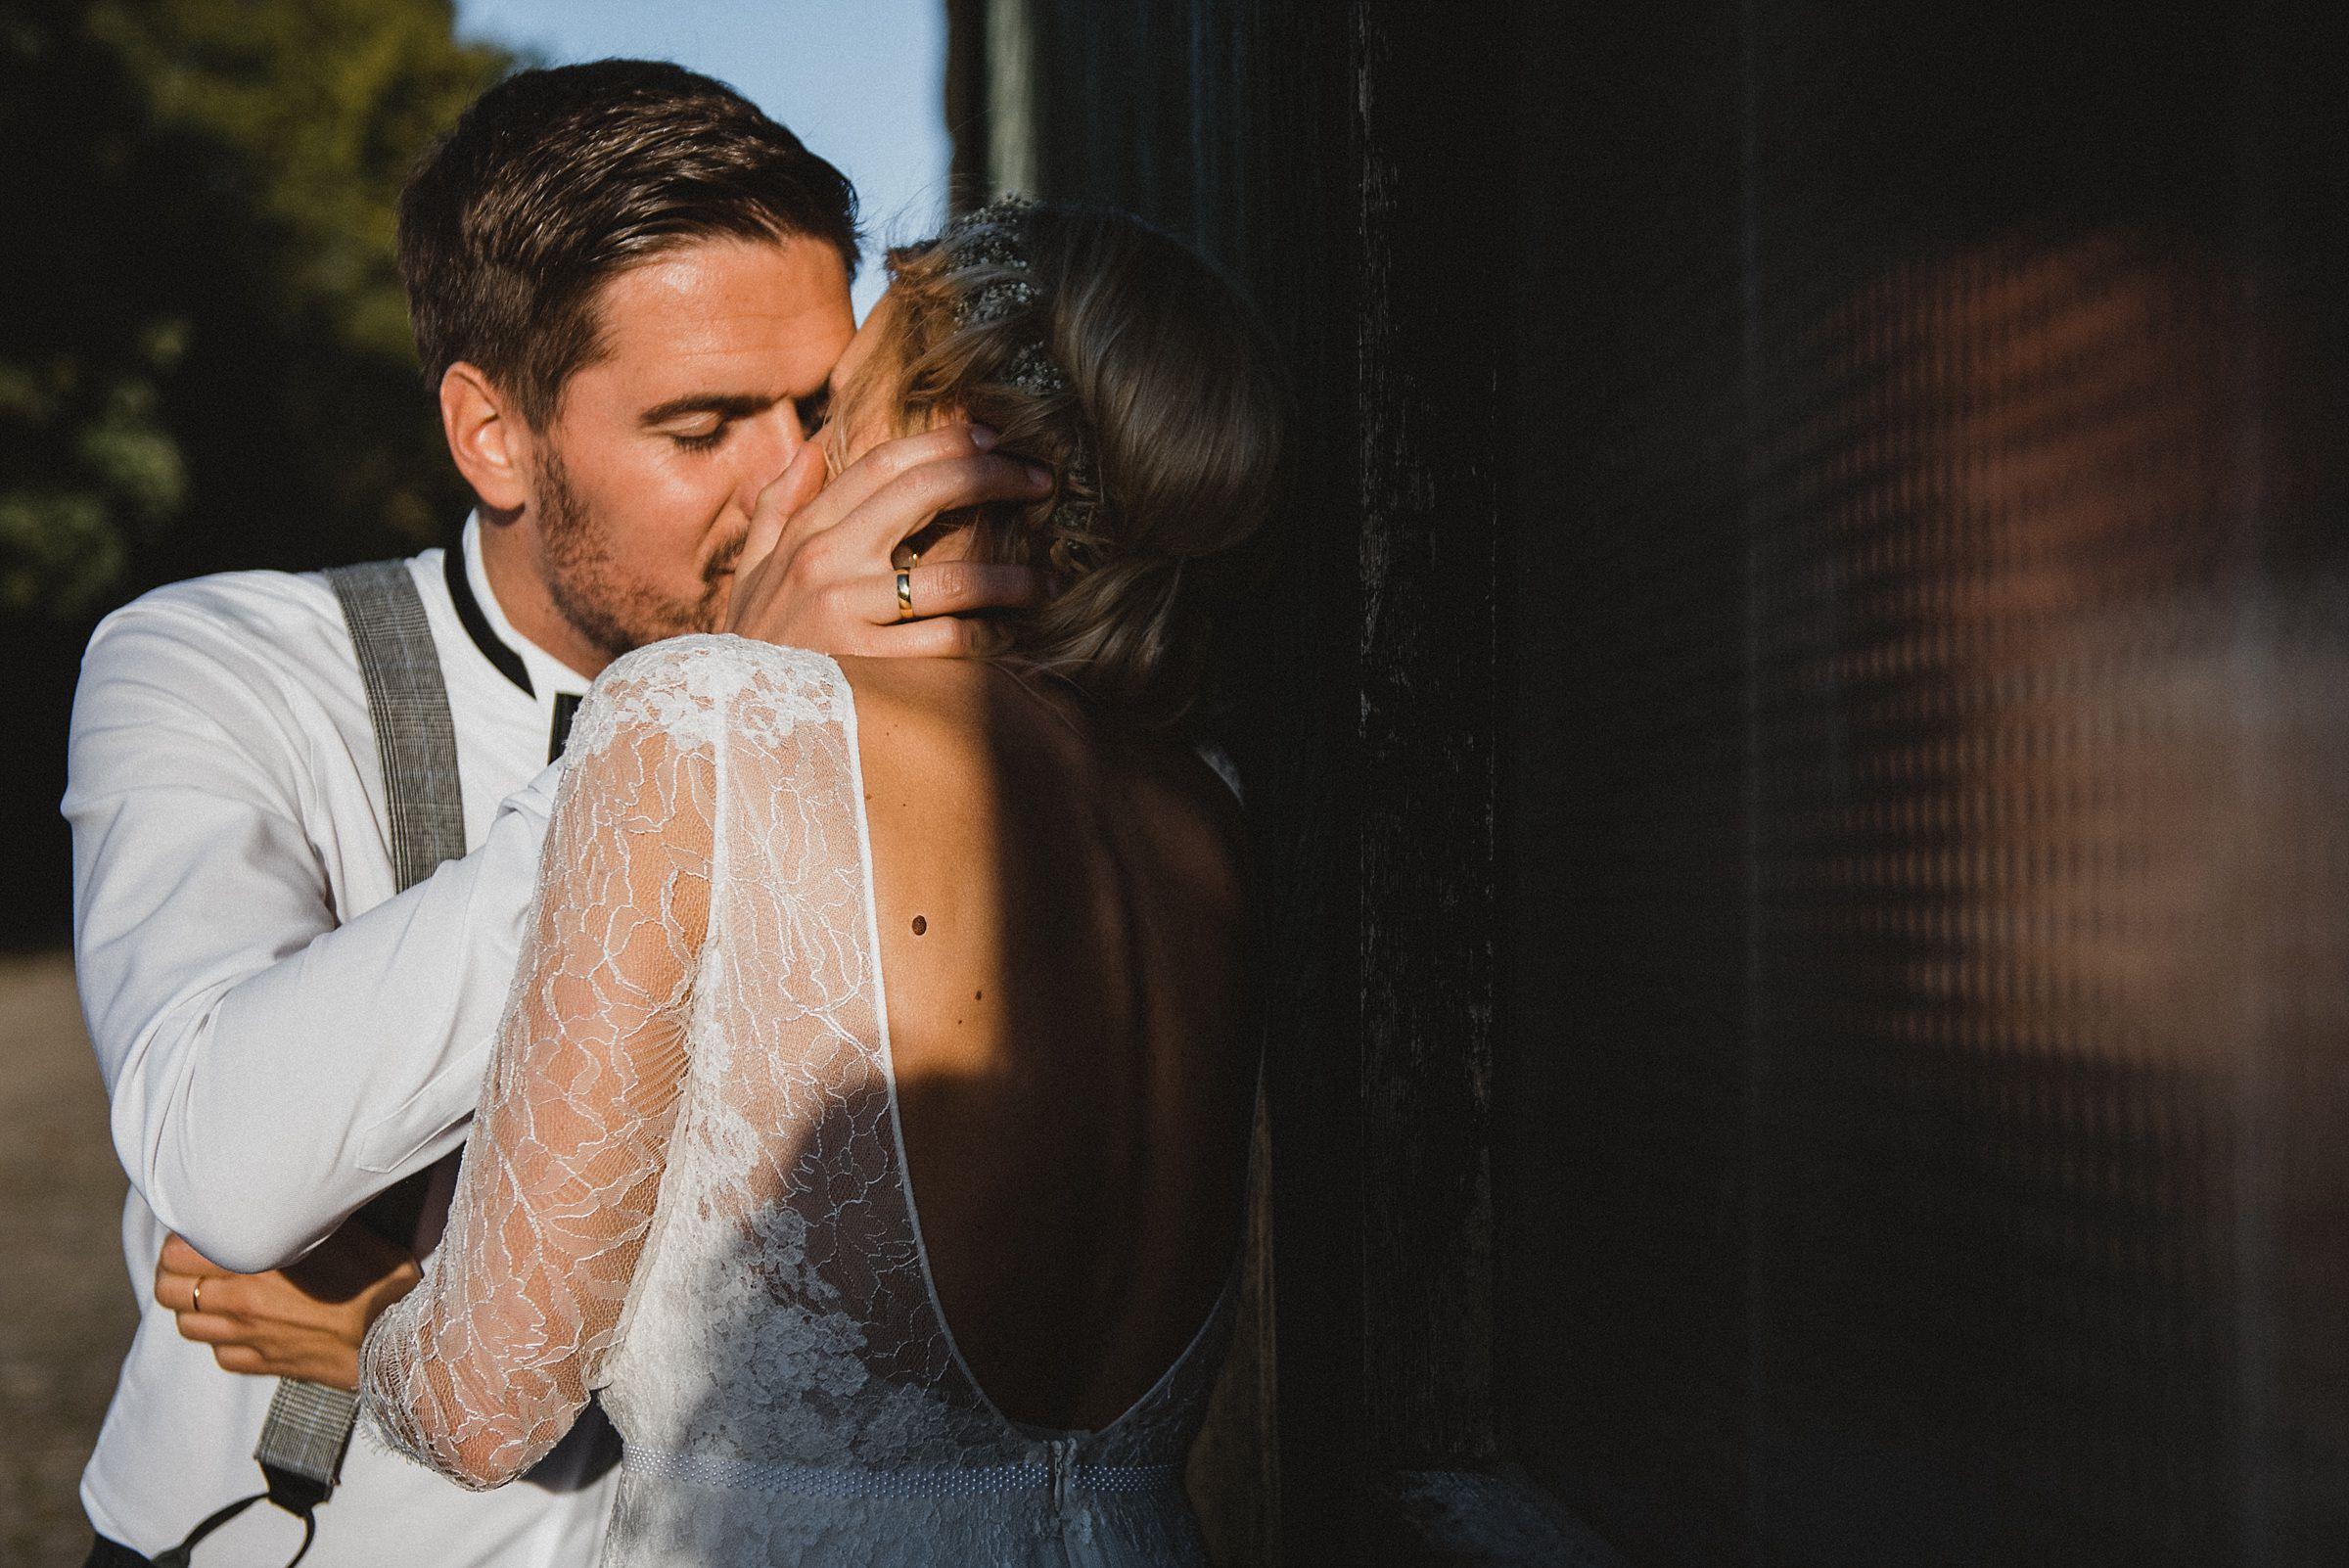 Hochzeitsfotografie Hamburg-Frau-Siemers-Gut Basthorst-Portrait-Brautpaar küsst sich